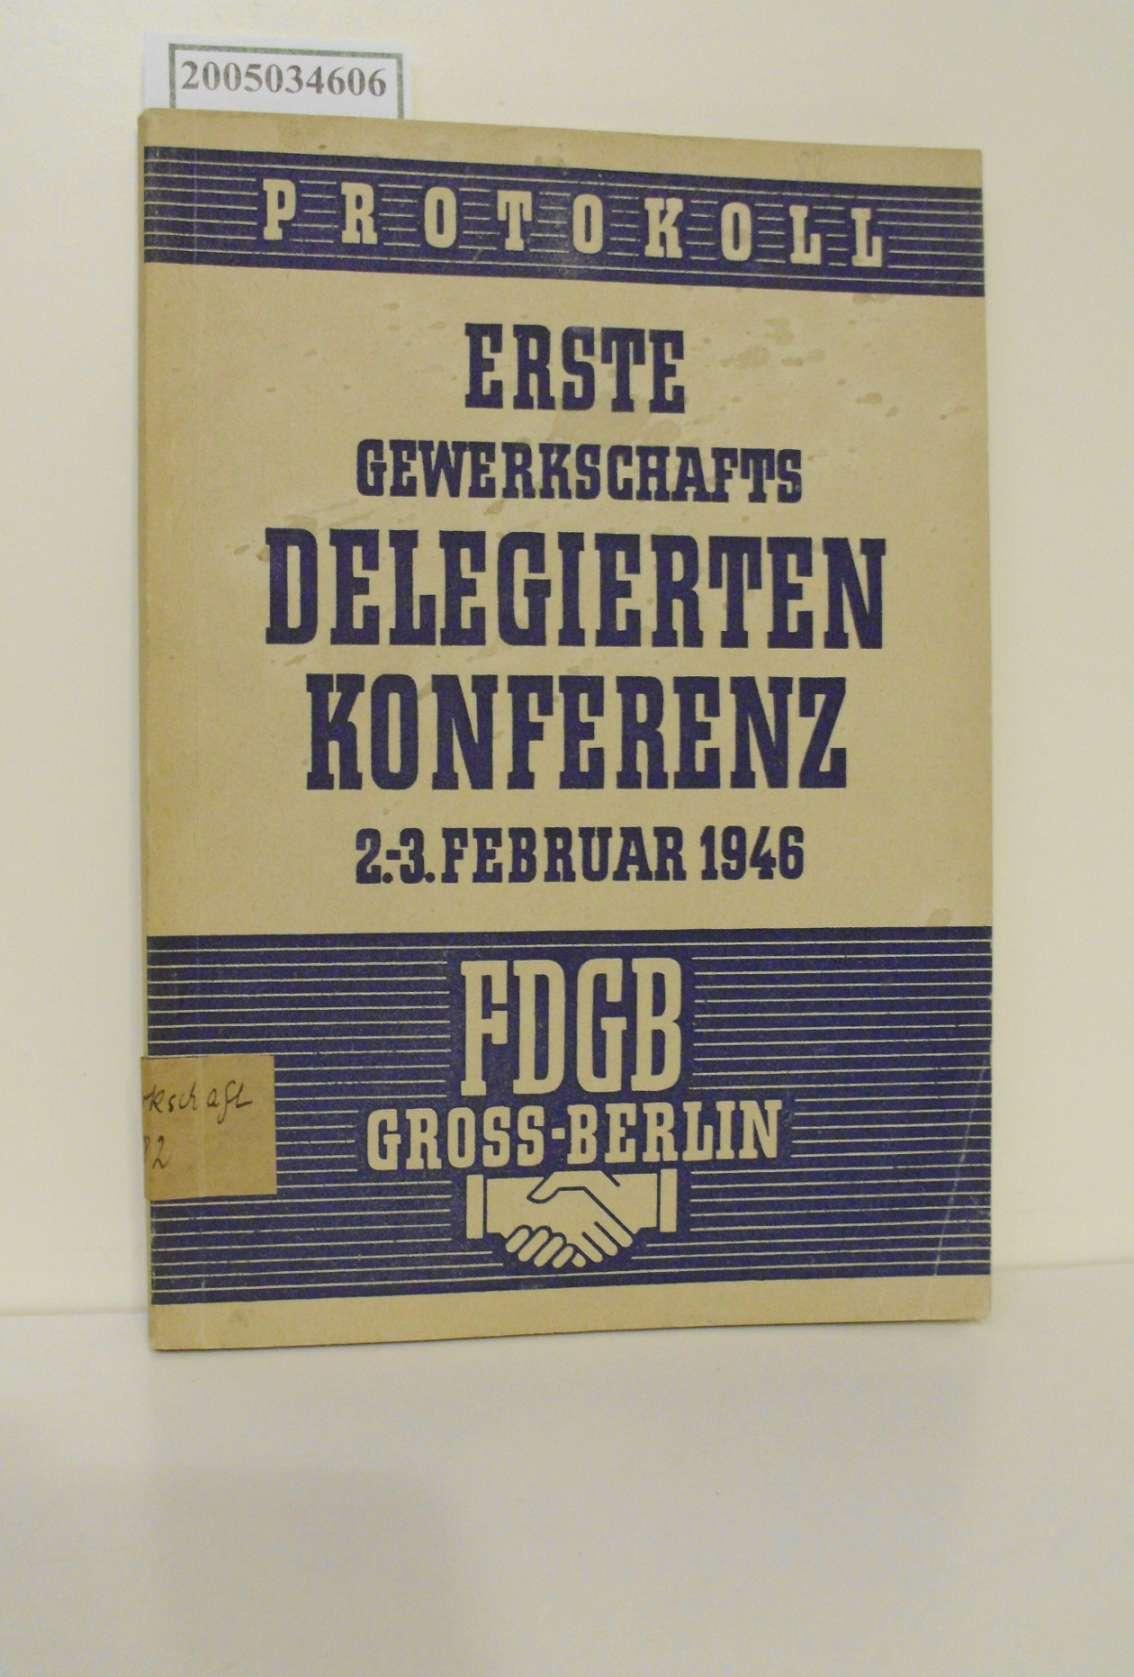 Die erste Gewerkschaftsdelegierten-Konferenz des Freien Deutschen Gewerkschaftsbundes Groß-Berlin : Abgeh. am 2. u. 3. Febr. 1946 ; Protokoll